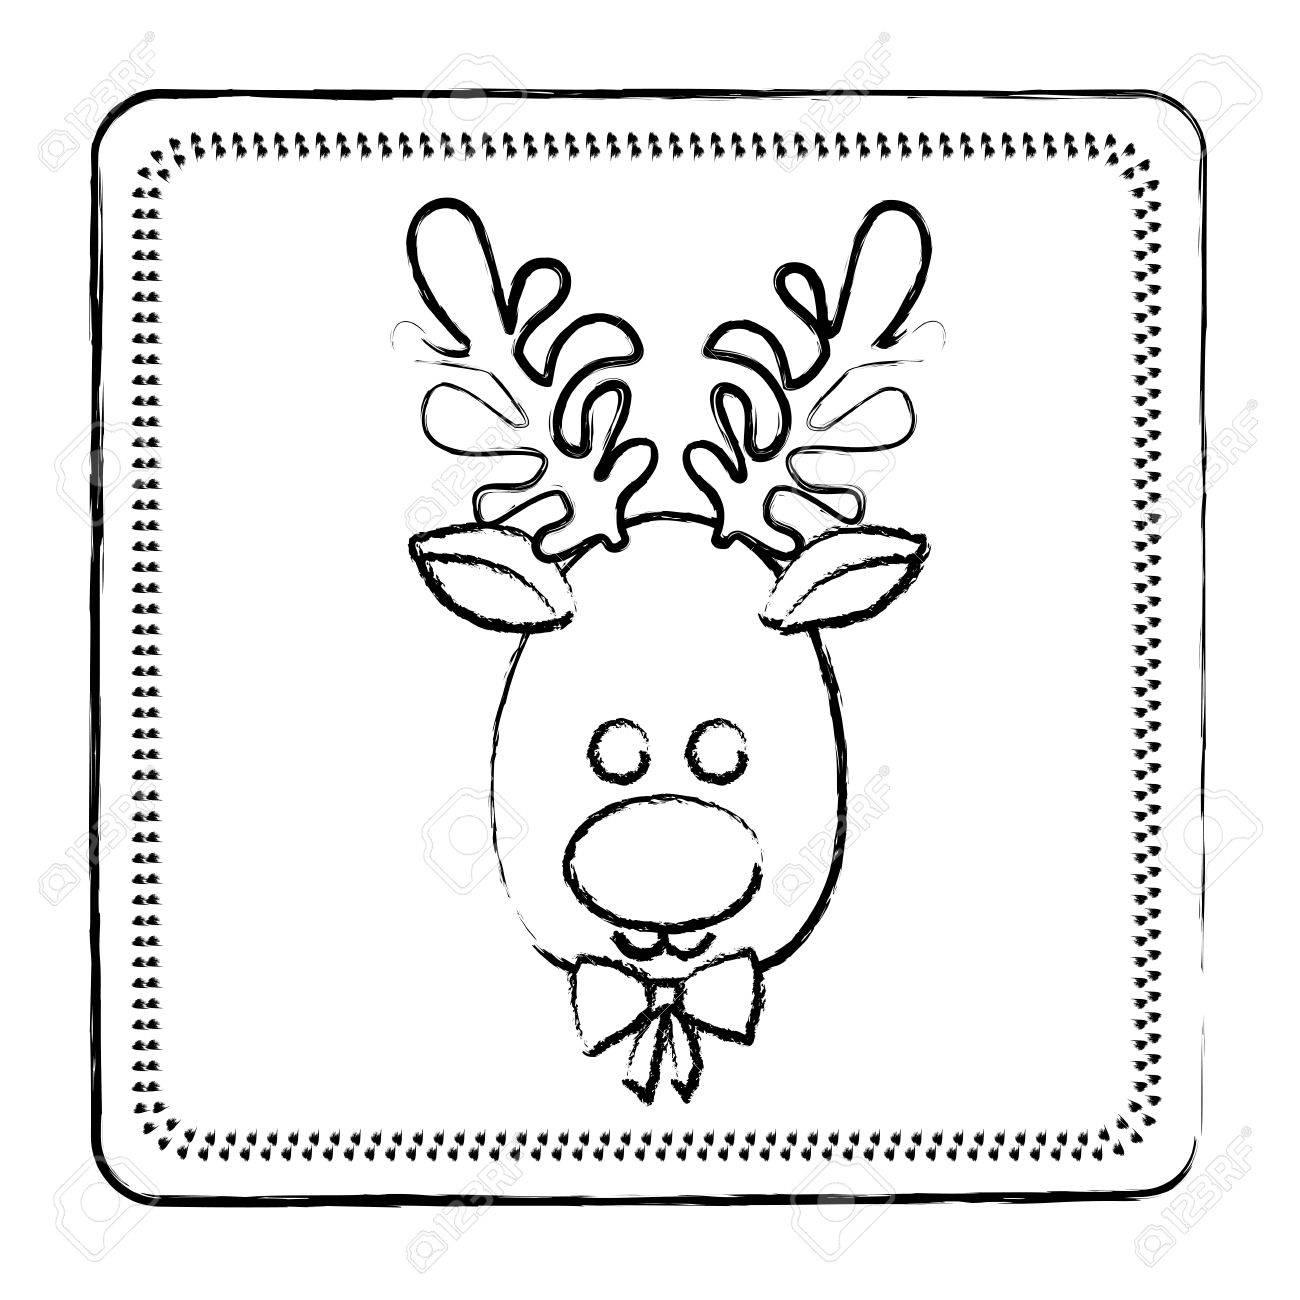 1300x1300 Sketch Frame Of Christmas Reindeer Face Vector Illustration